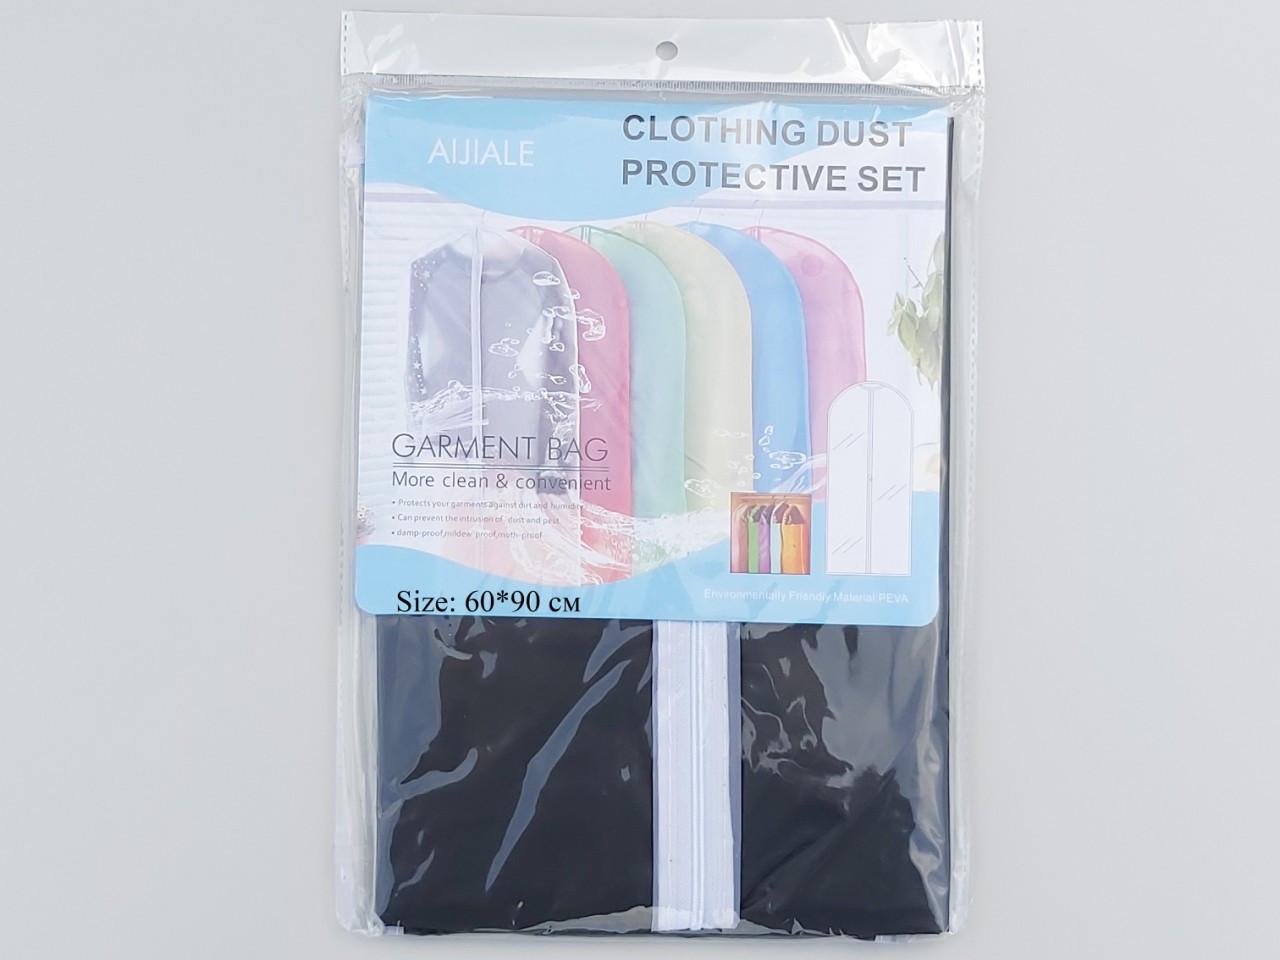 Чехол для хранения одежды из плащевки черного цвета, размер 60*90 см